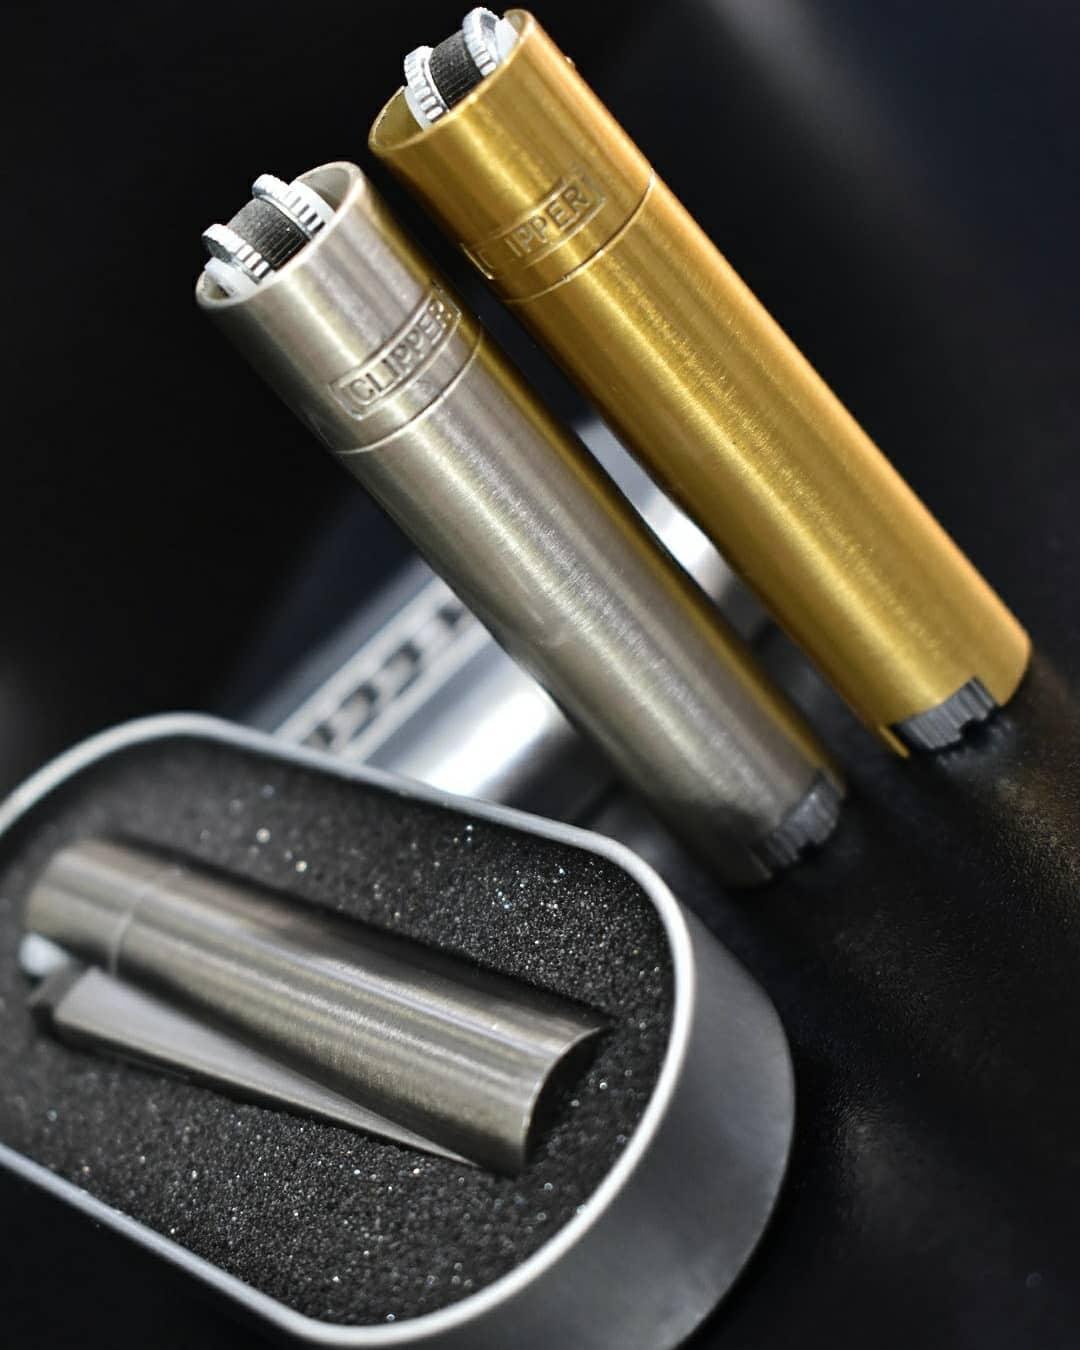 فندک از هدیه های شیک و کاربردی برای روز پدر